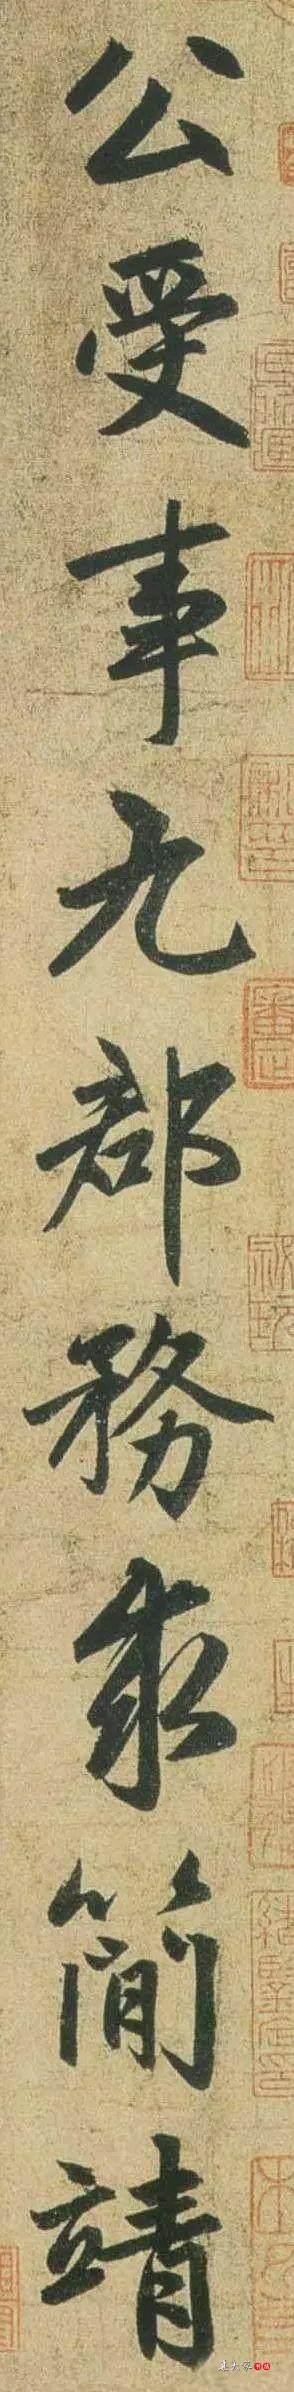 赵孟頫55岁行楷《止斋记》,字形俊秀飘逸,而笔笔又谨守法度